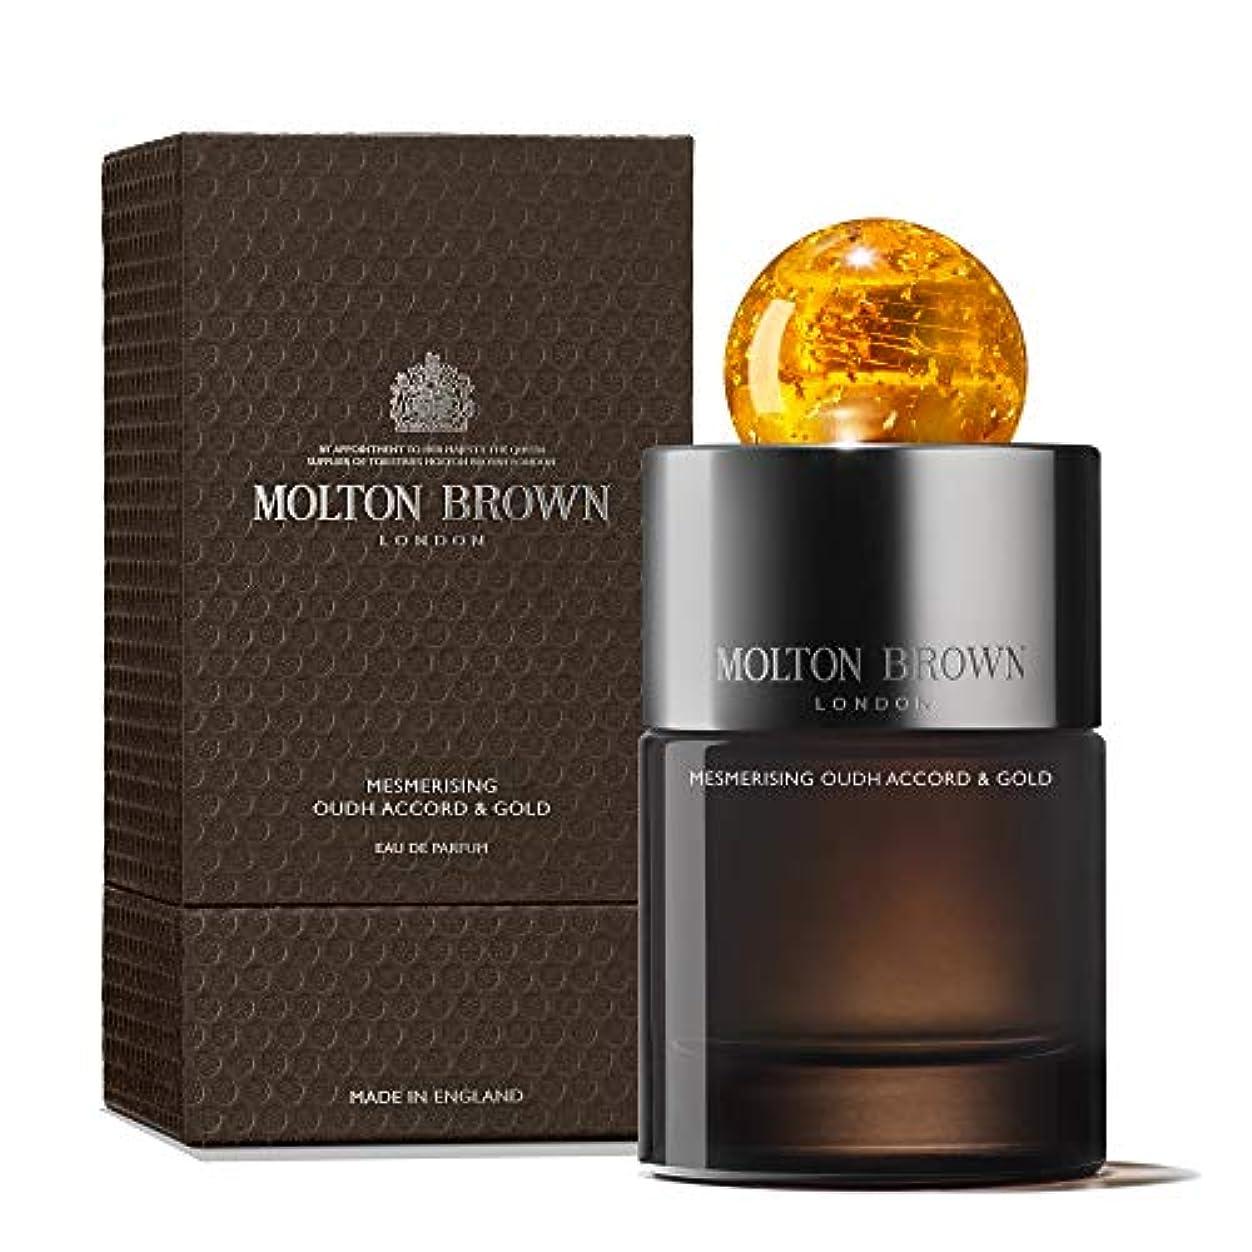 起きる強要救出MOLTON BROWN(モルトンブラウン) ウード?アコード&ゴールド コレクション OA&G オードパルファン